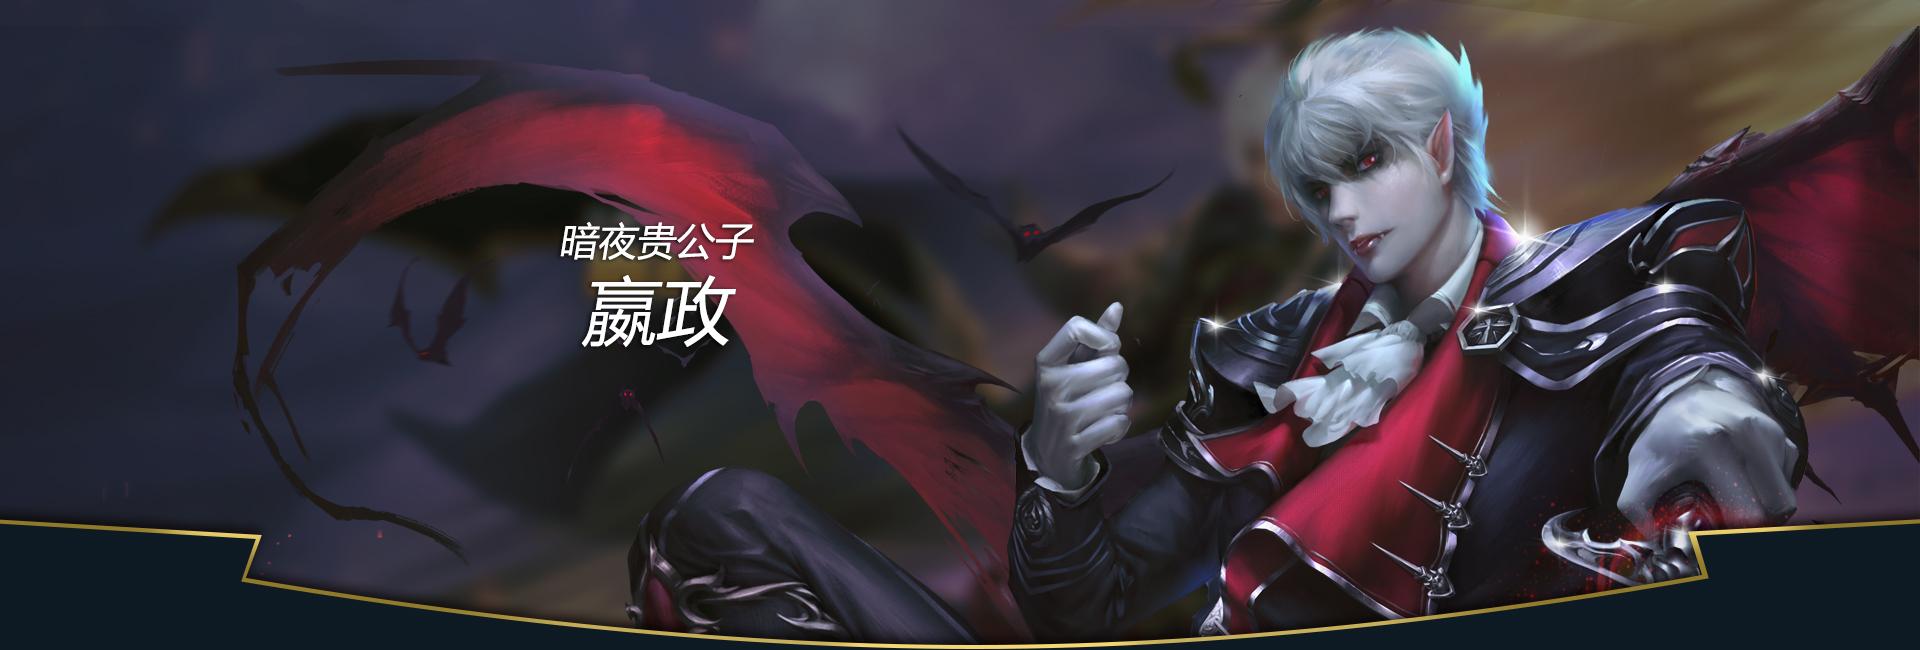 第2弹《王者荣耀英雄皮肤CG》竞技游戏129